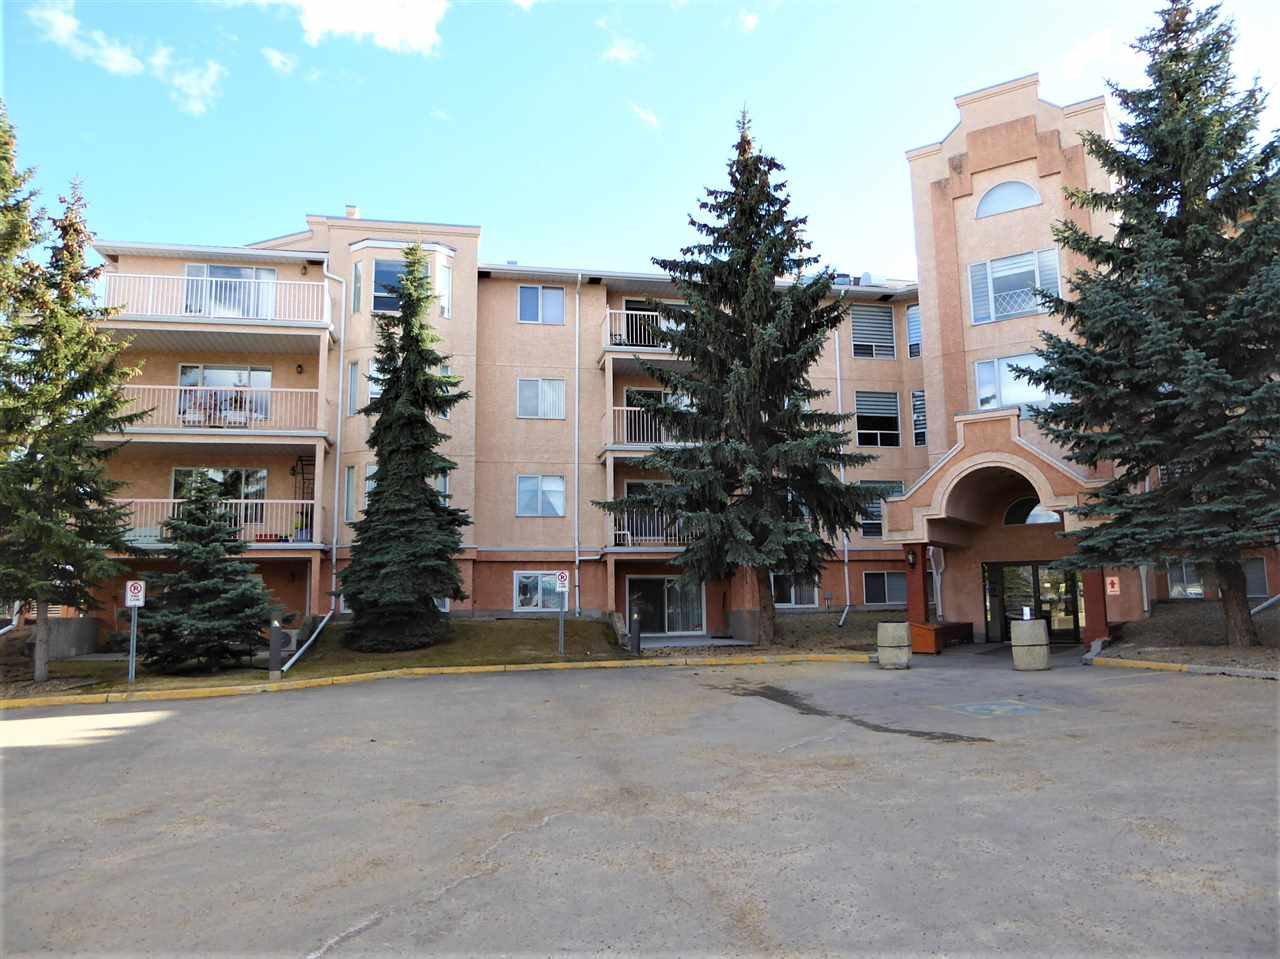 Main Photo: 102 10945 21 Avenue NW in Edmonton: Zone 16 Condo for sale : MLS®# E4202404